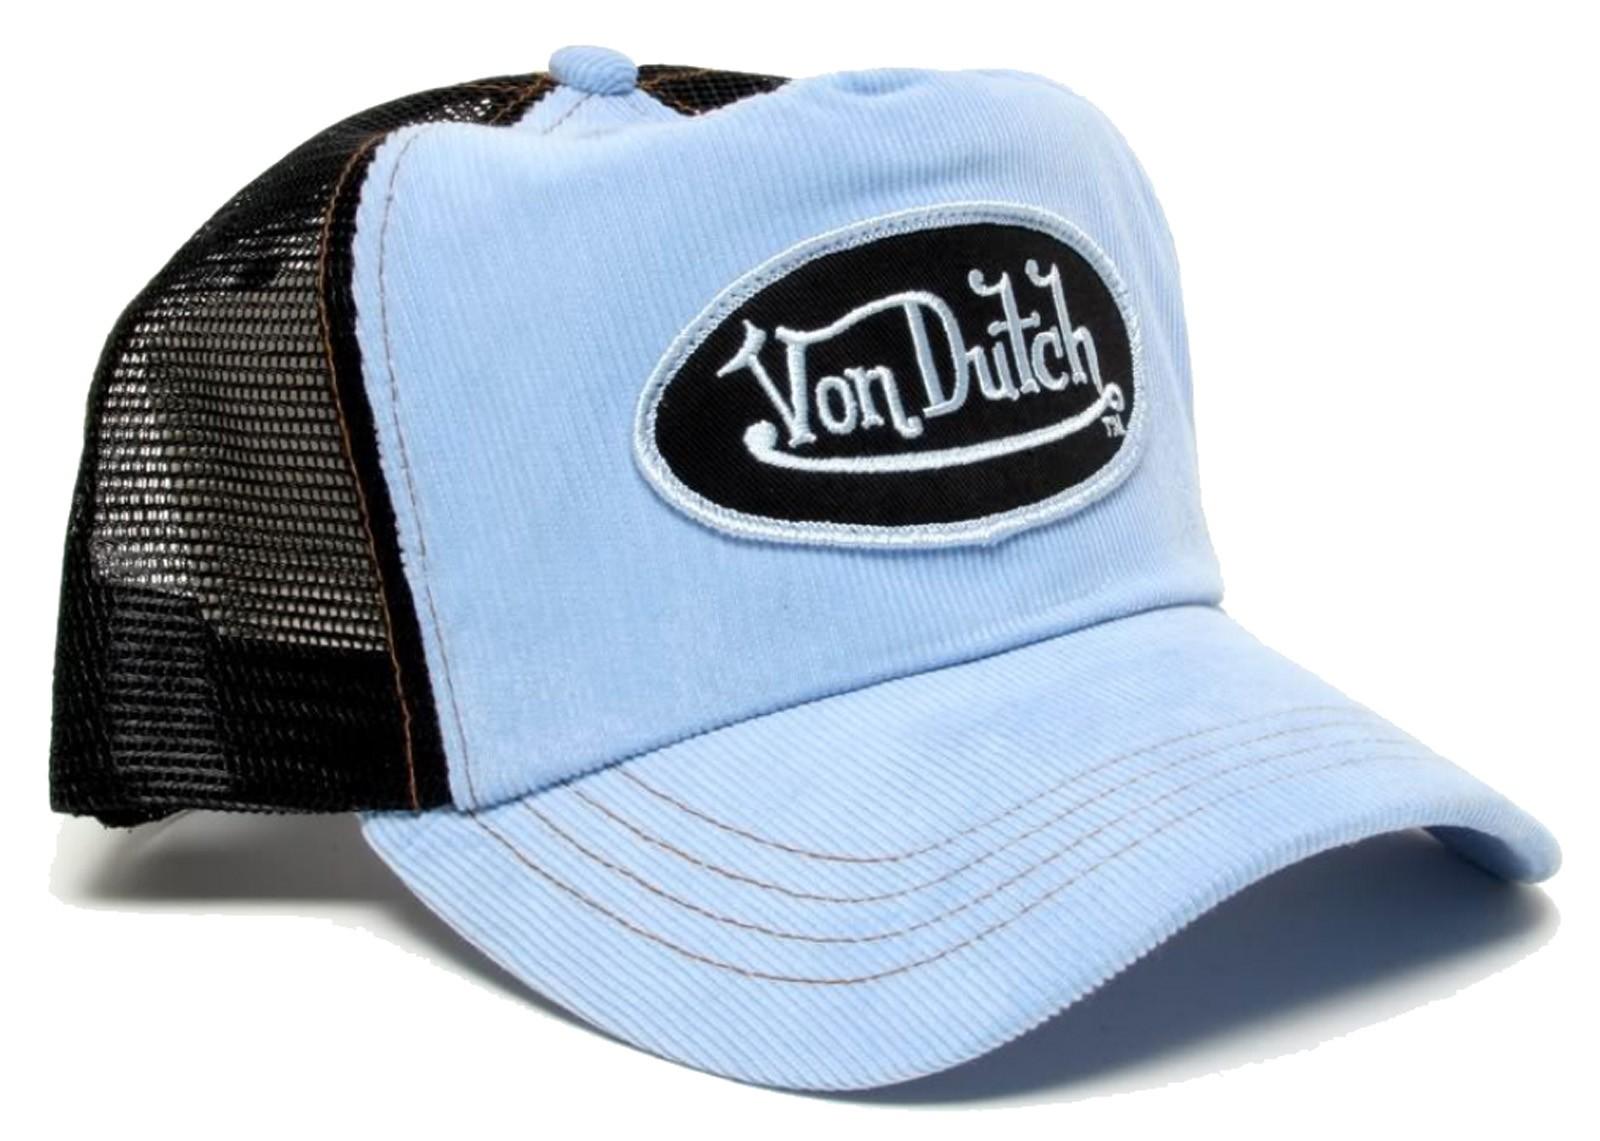 Von Dutch - Cord Blue/Black Mesh Trucker Cap